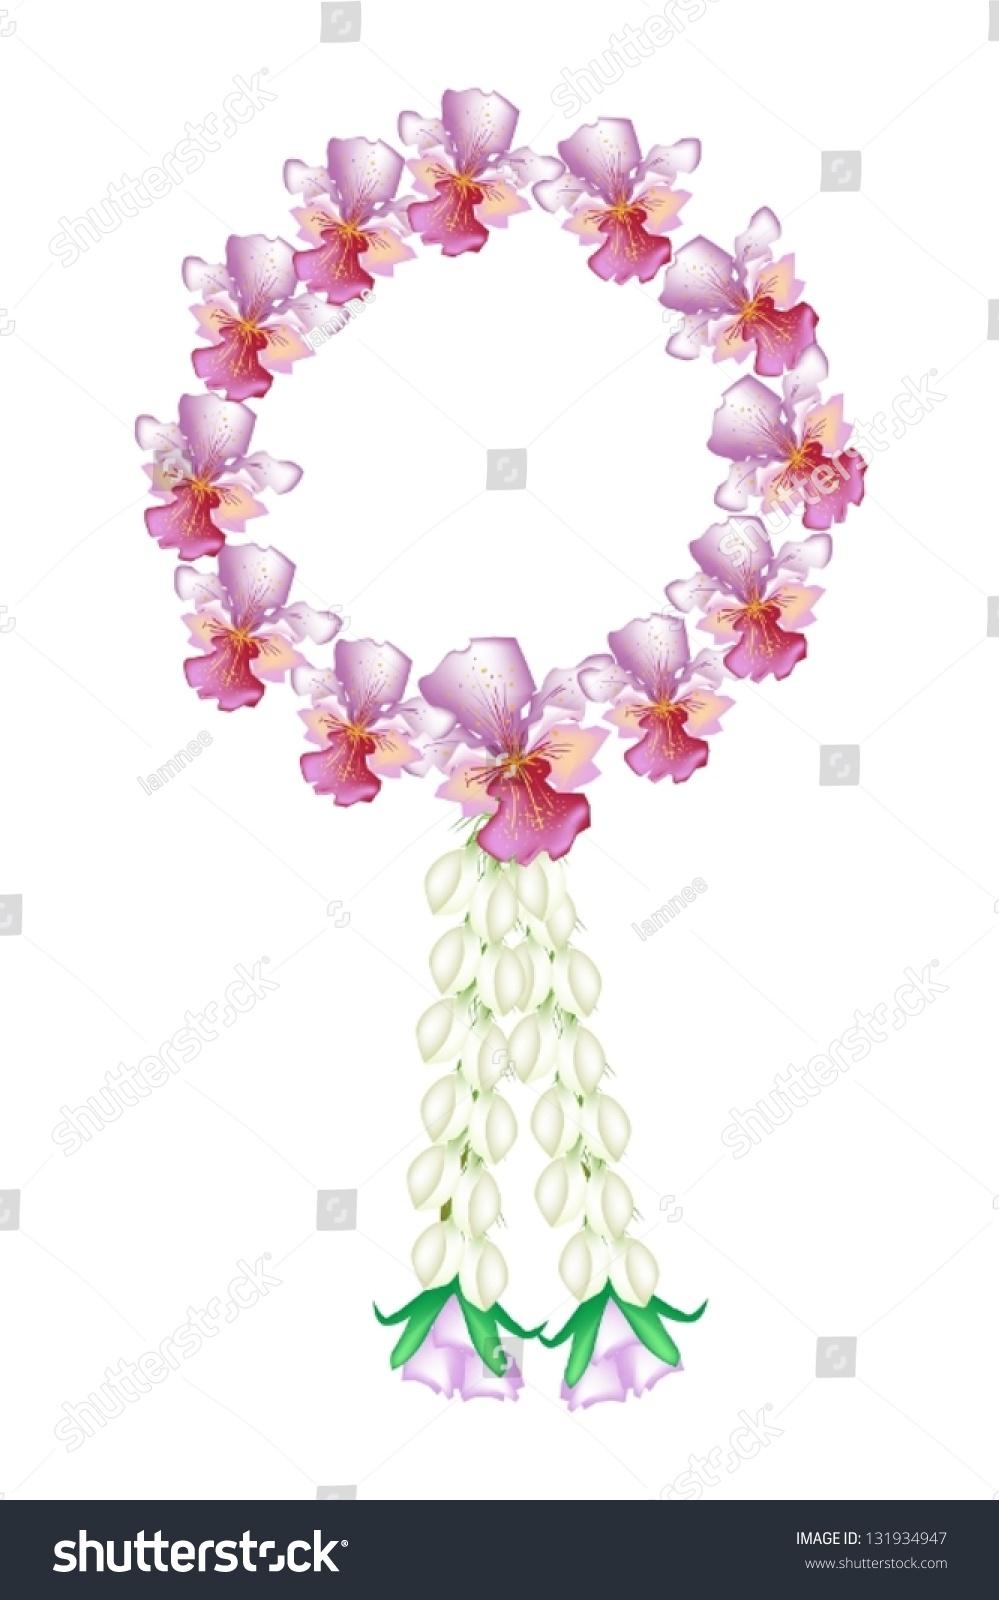 泰国手绘花朵插画